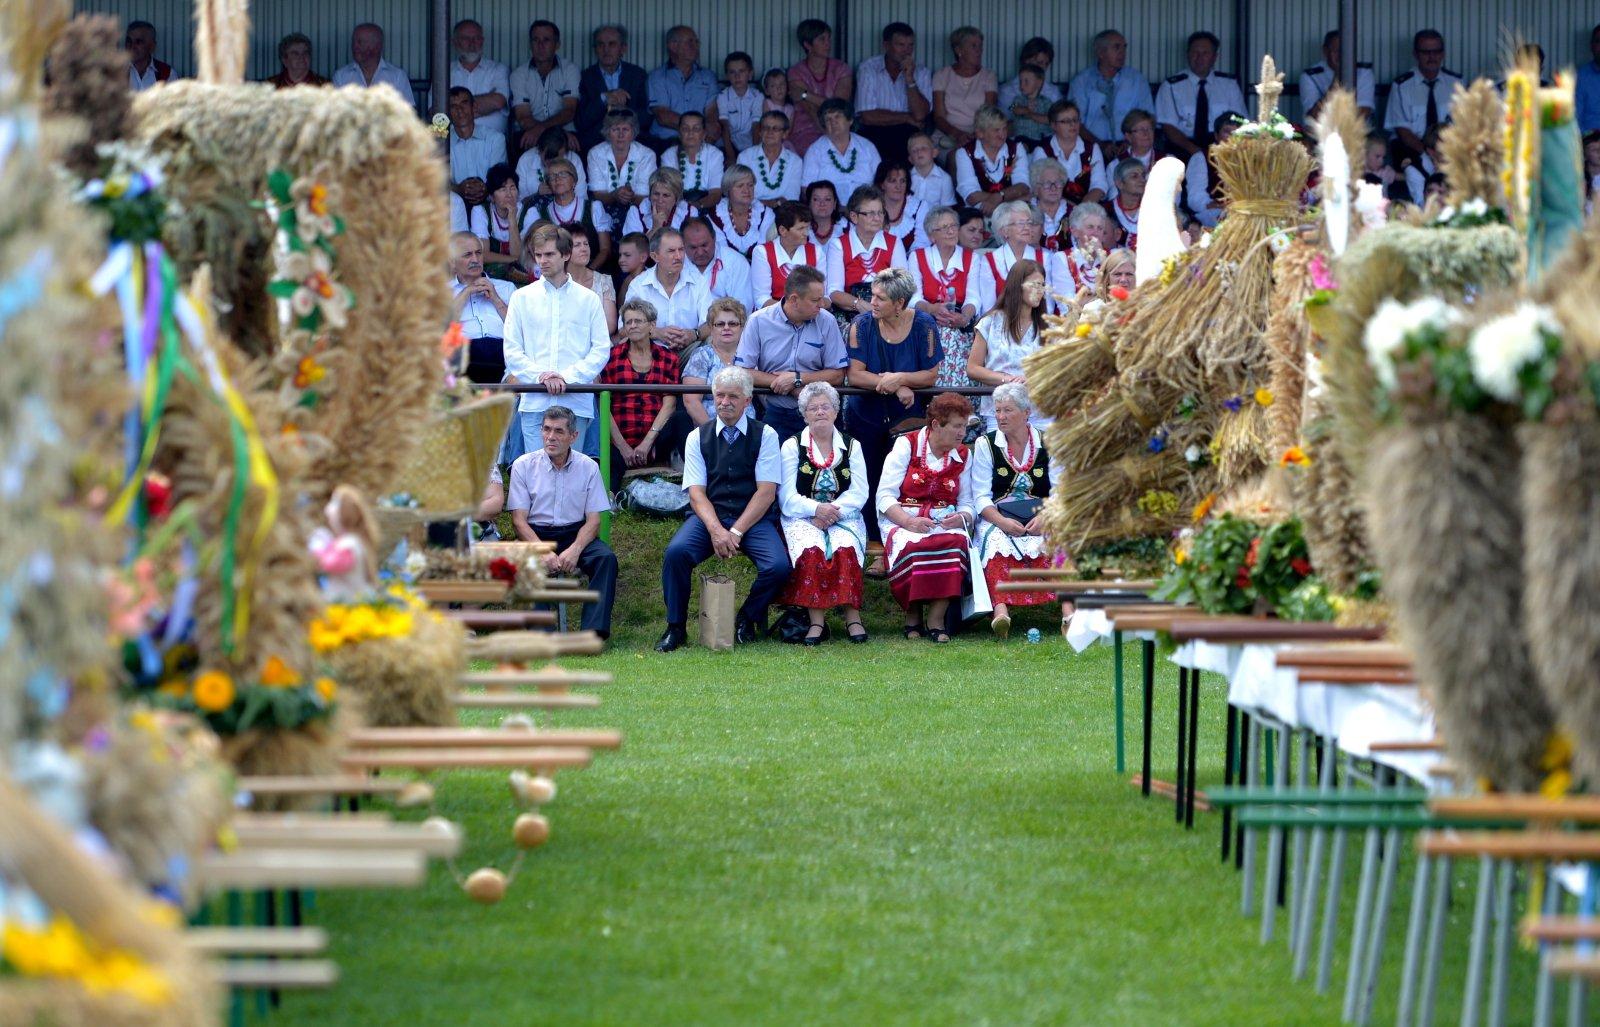 Dożynki Archidiecezji przemyskiej, Długie, Polska